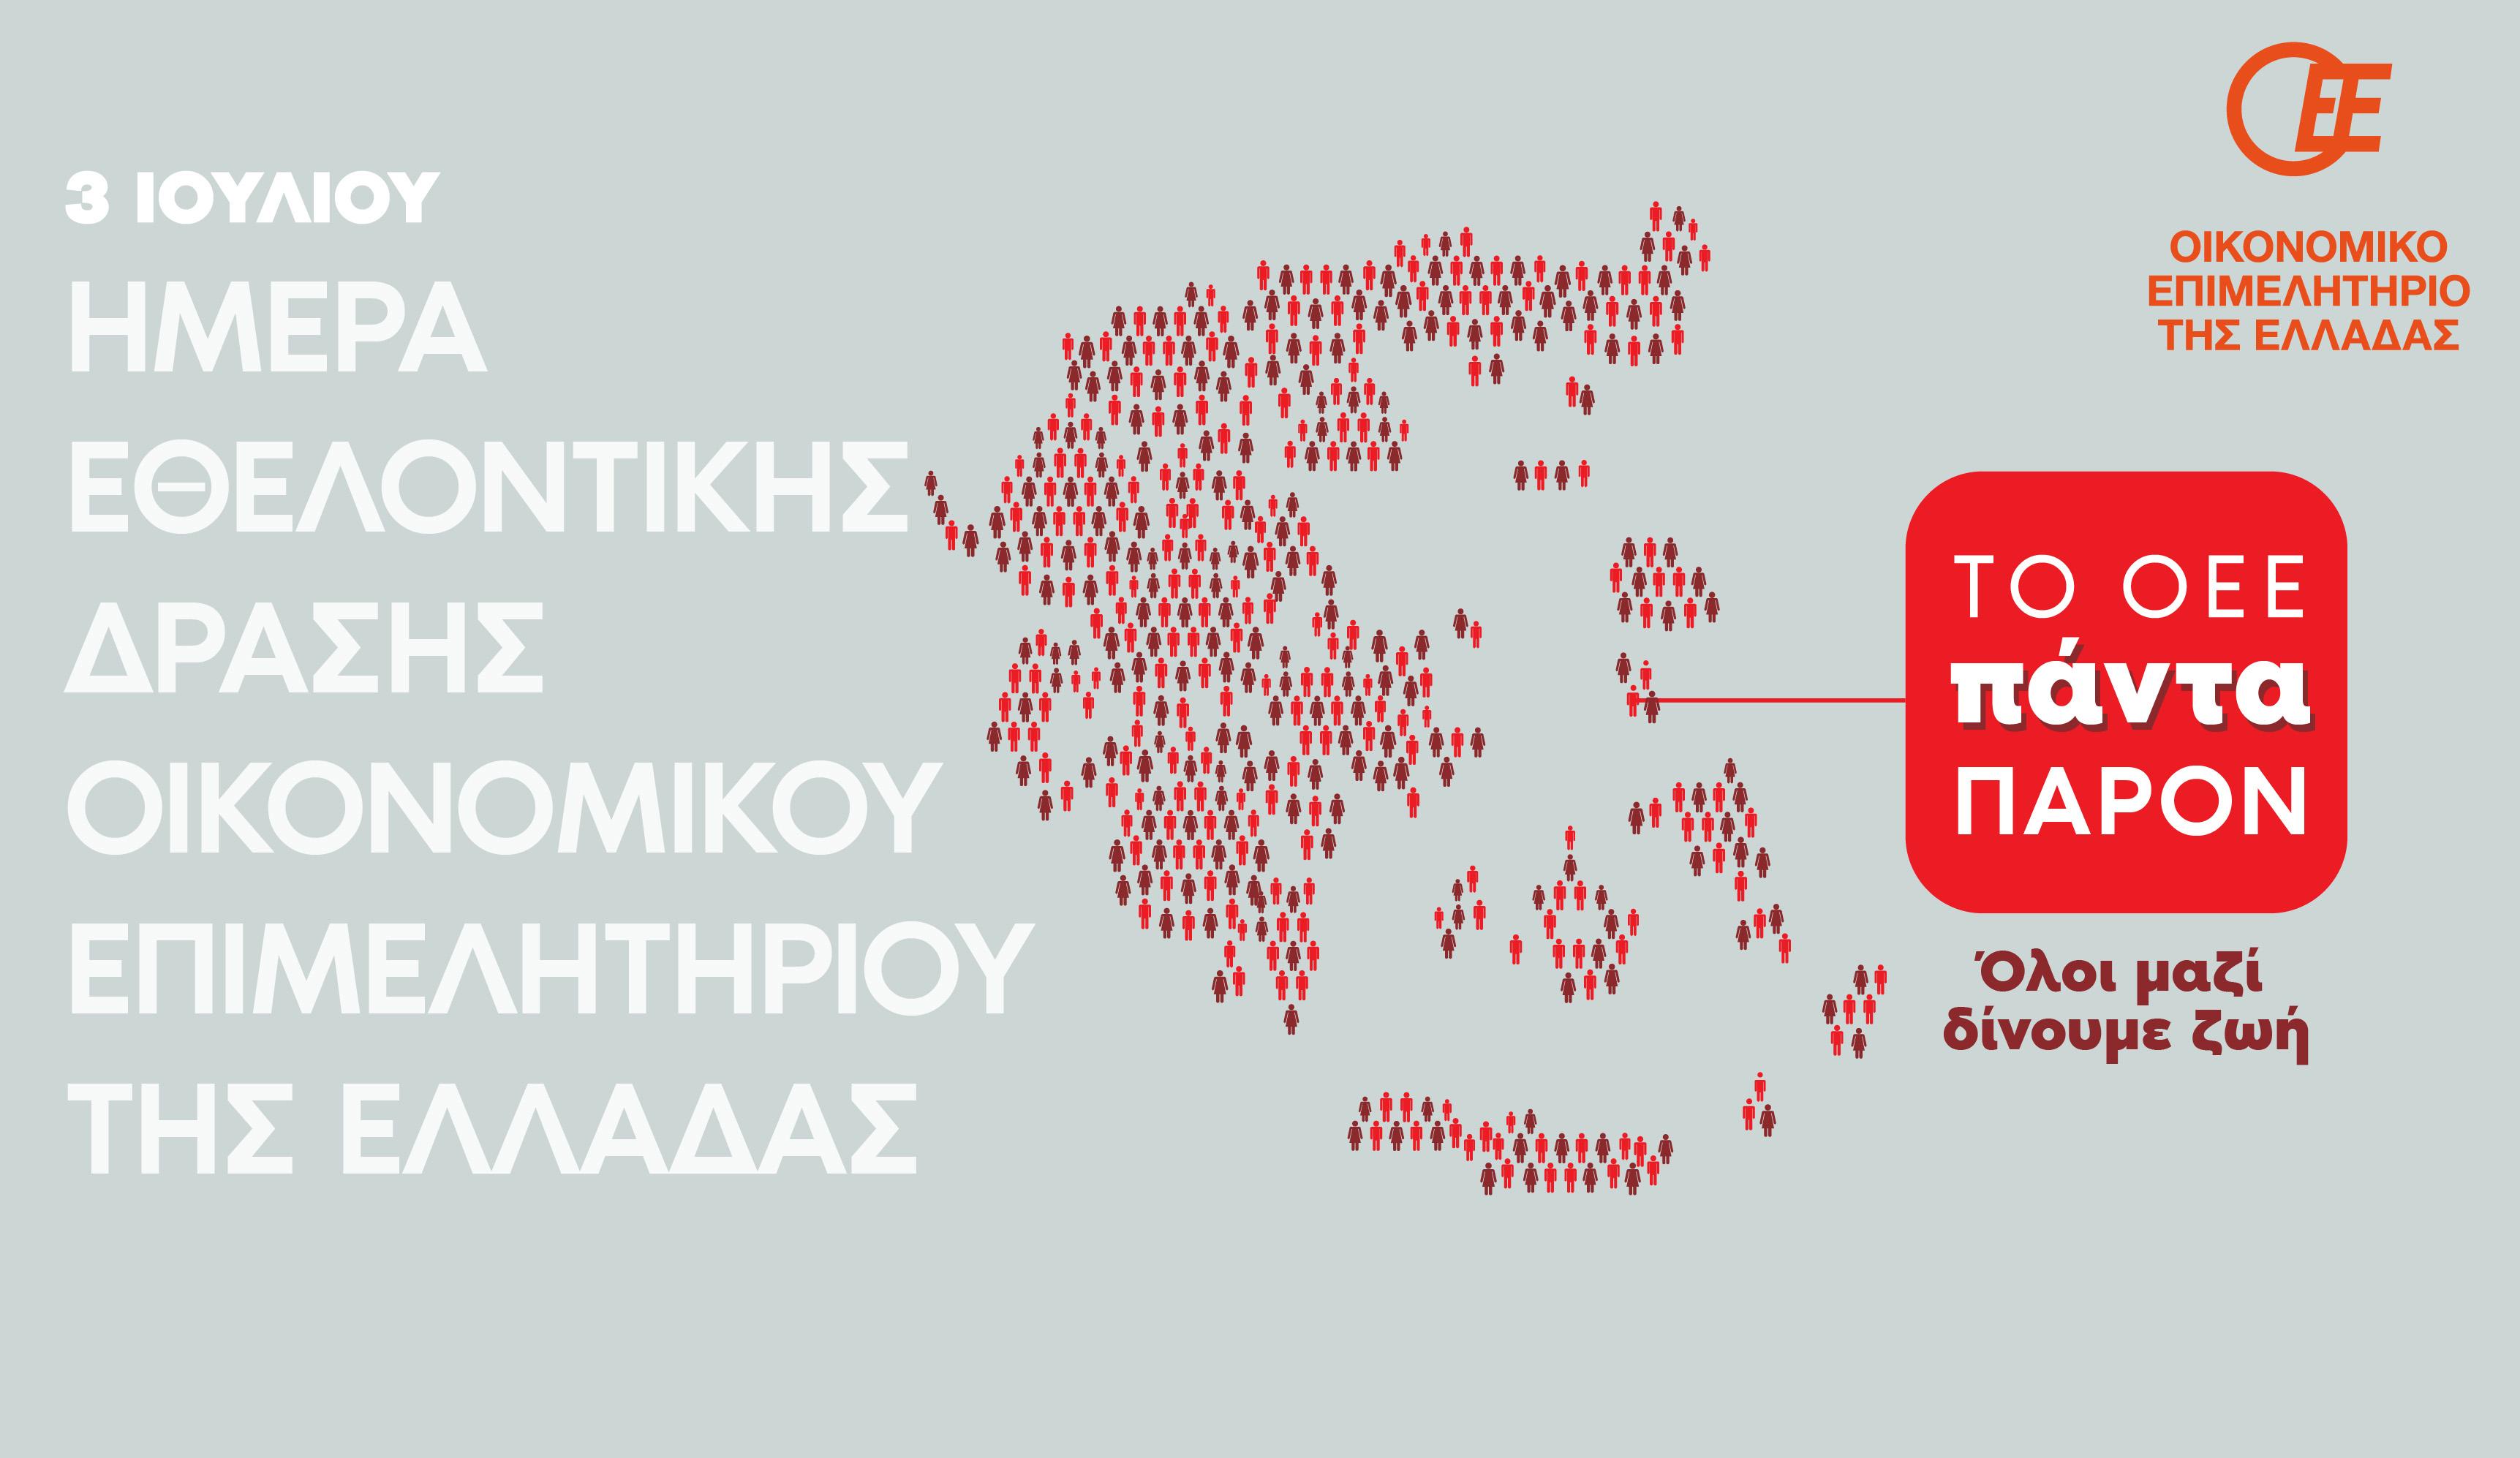 Ημέρα Εθελοντικής Δράσης από το ΟΕΕ